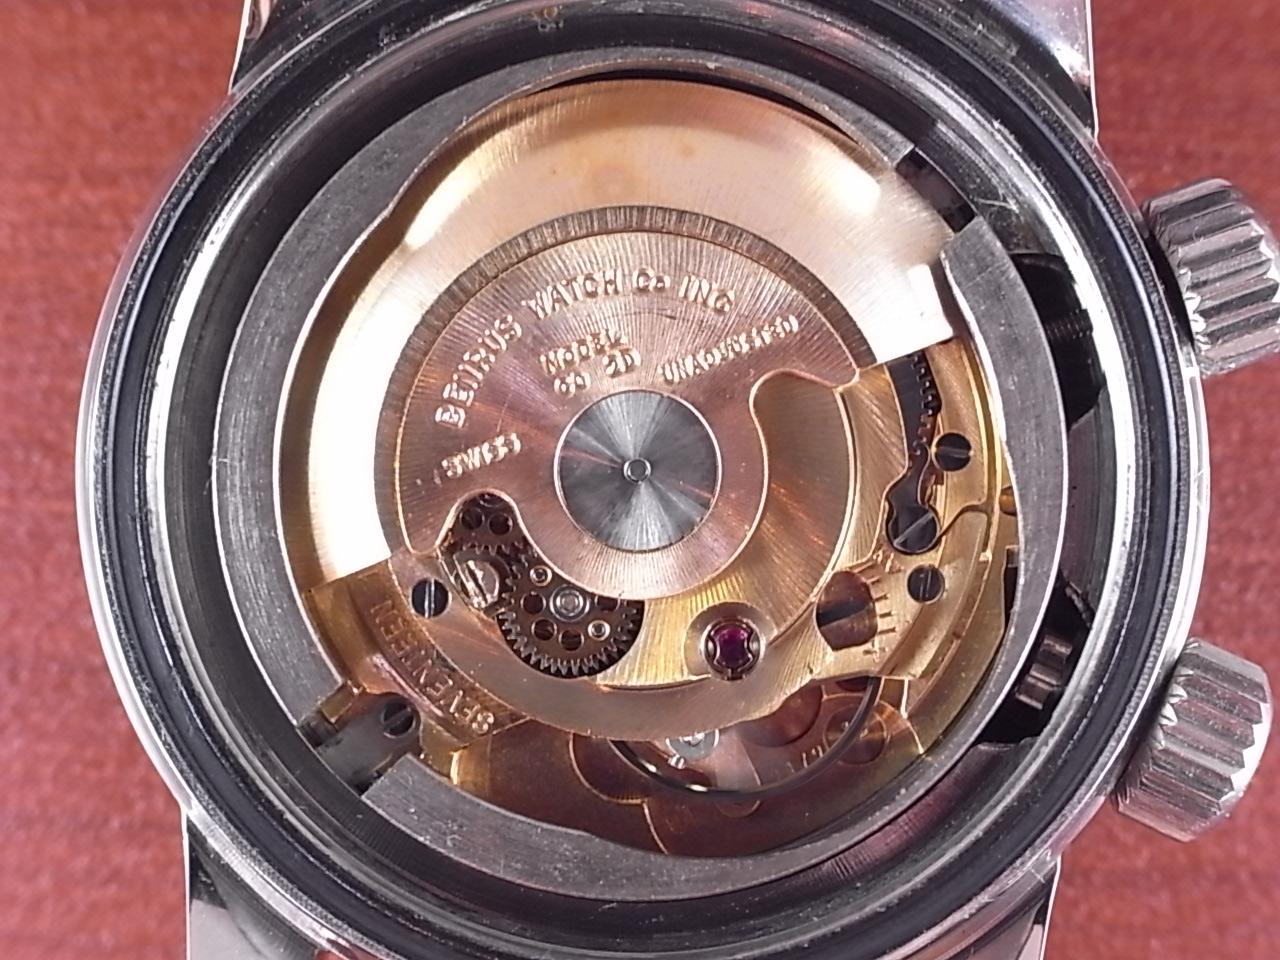 ベンラス ウルトラディープ スーパーコンプレッサー ニアミントコンディション 1960年代の写真5枚目